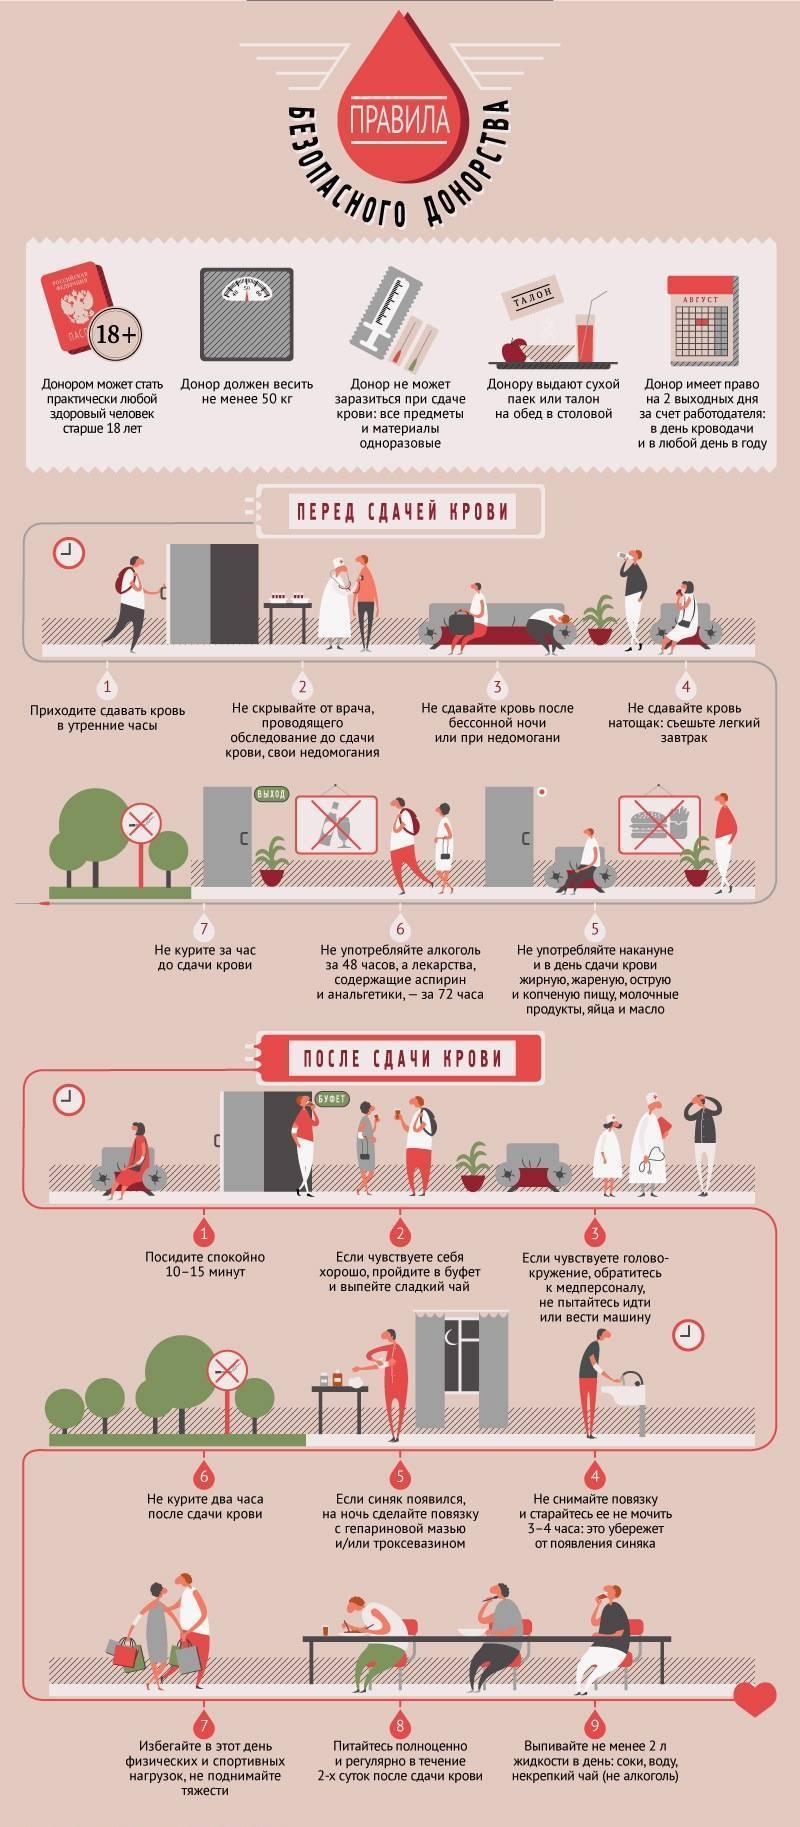 Что нельзя делать перед сдачей теста на коронавирус